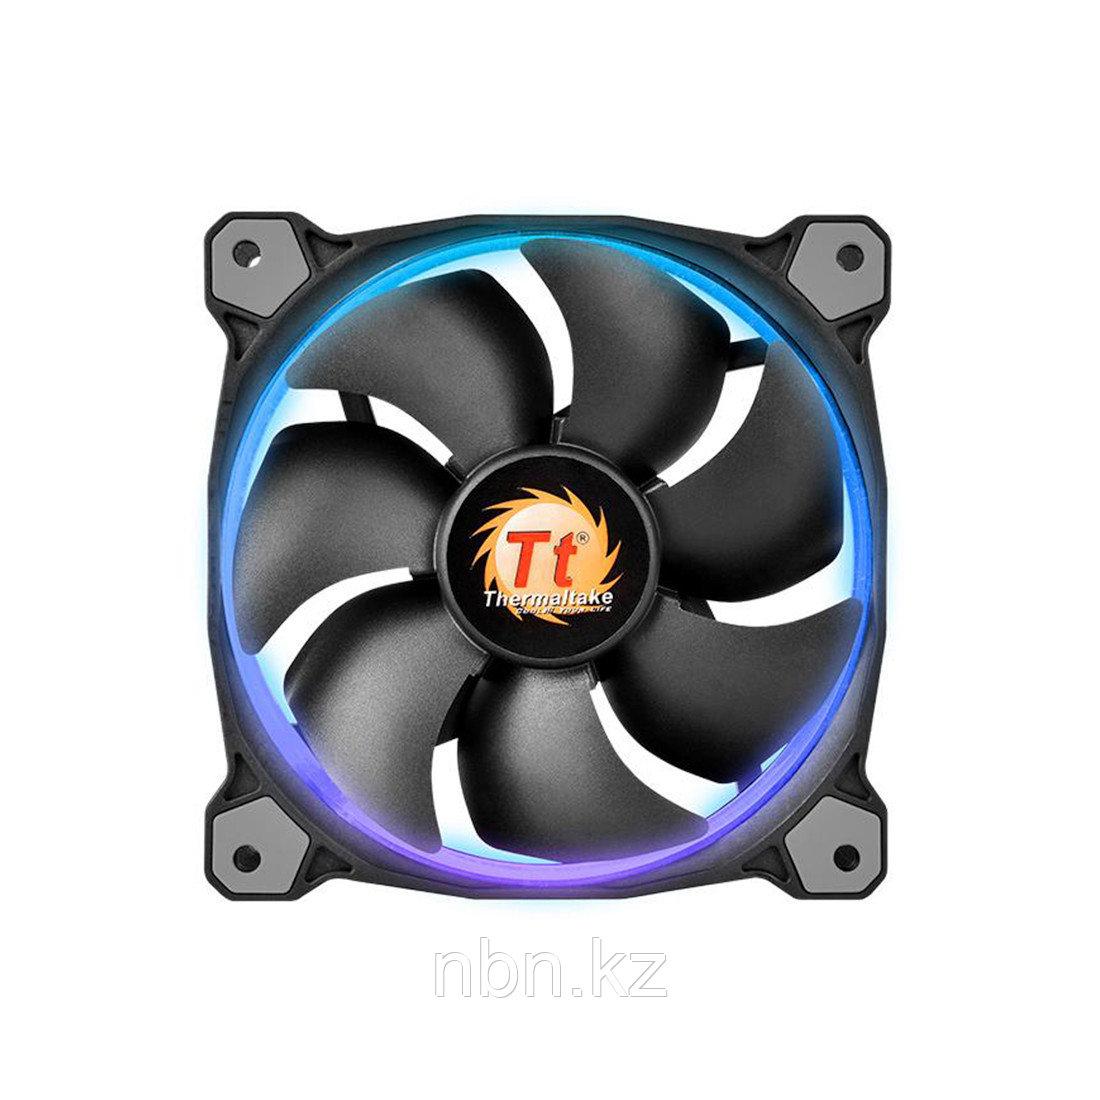 Кулер для компьютерного корпуса Thermaltake Riing 12 LED RGB Switch